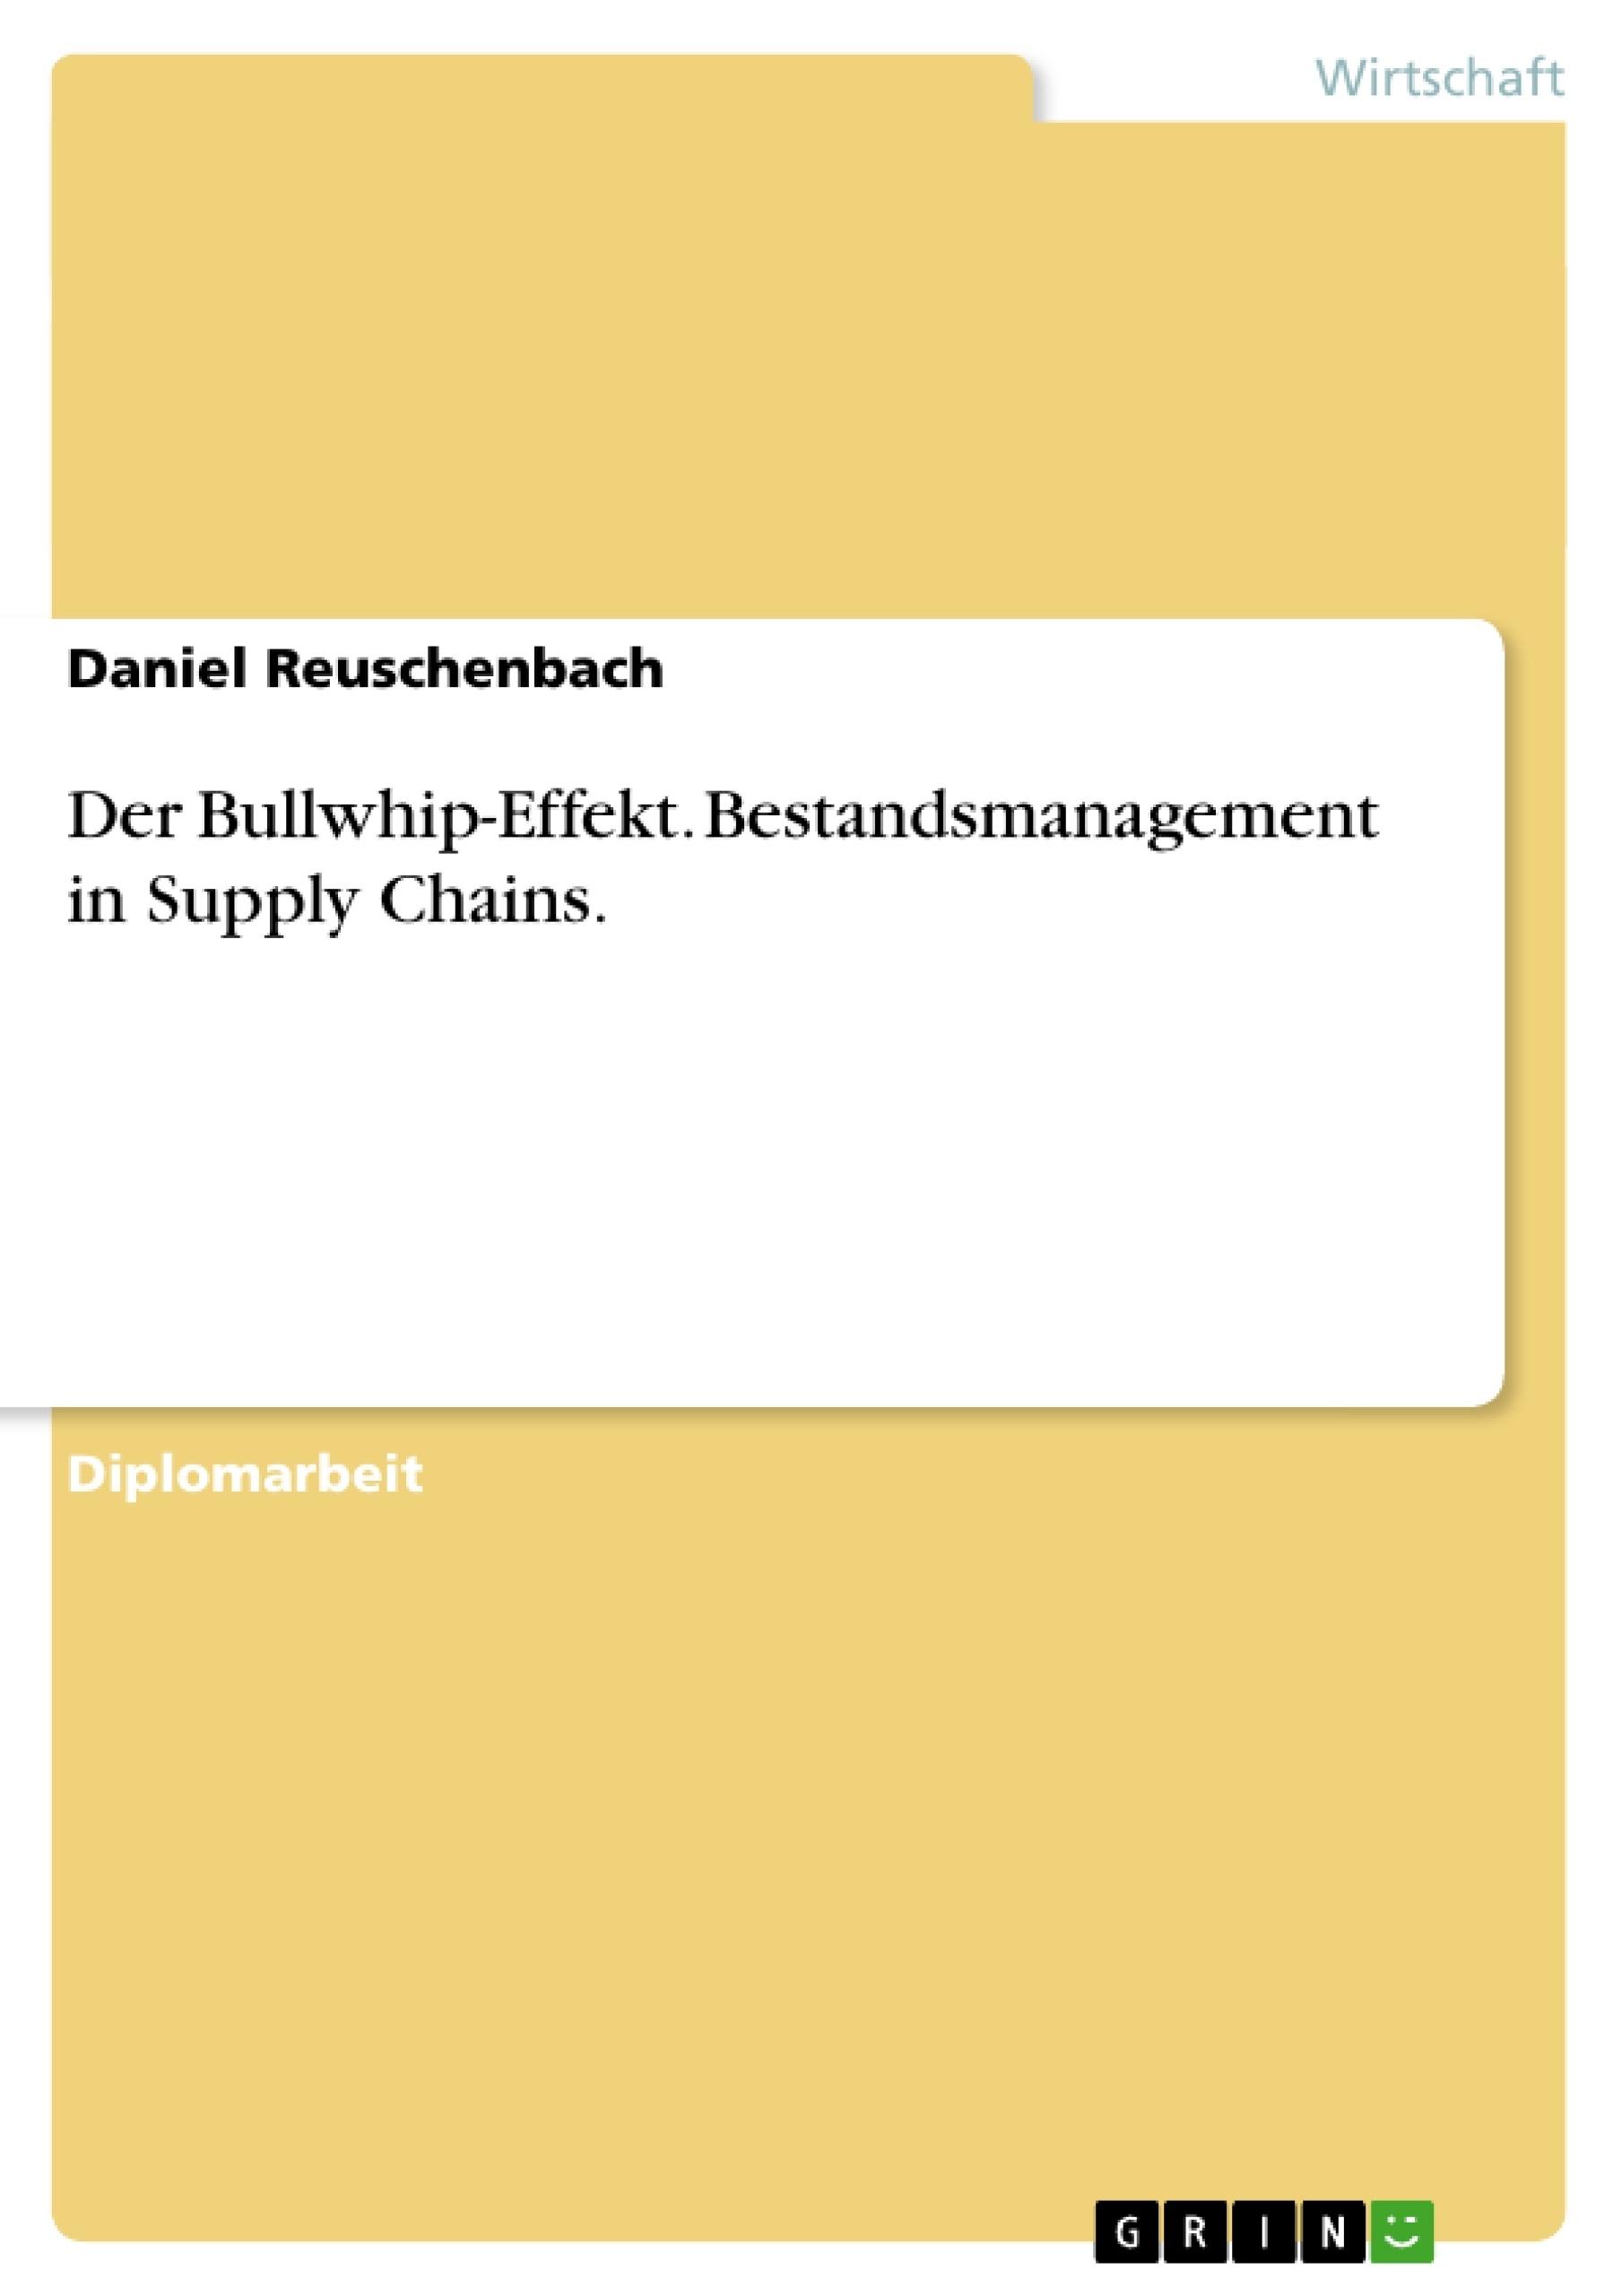 Titel: Der Bullwhip-Effekt. Bestandsmanagement in Supply Chains.